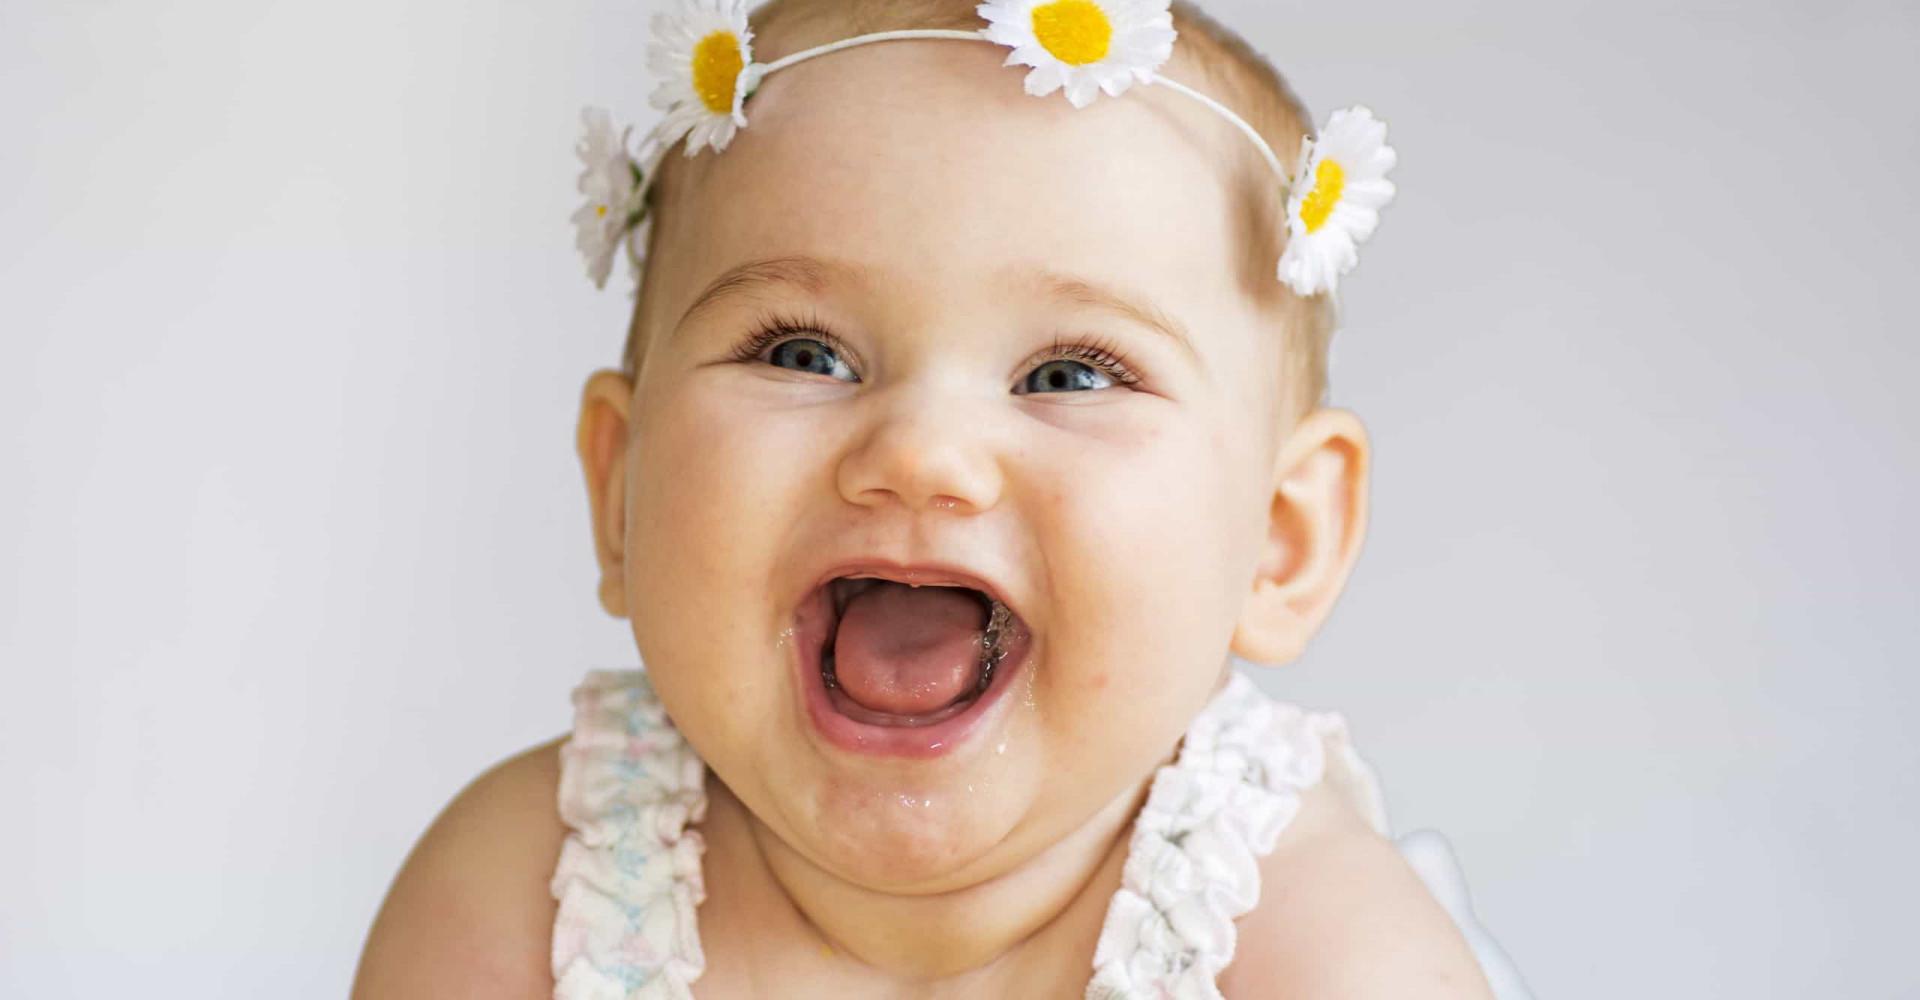 30 unglaubliche Fakten über Babys